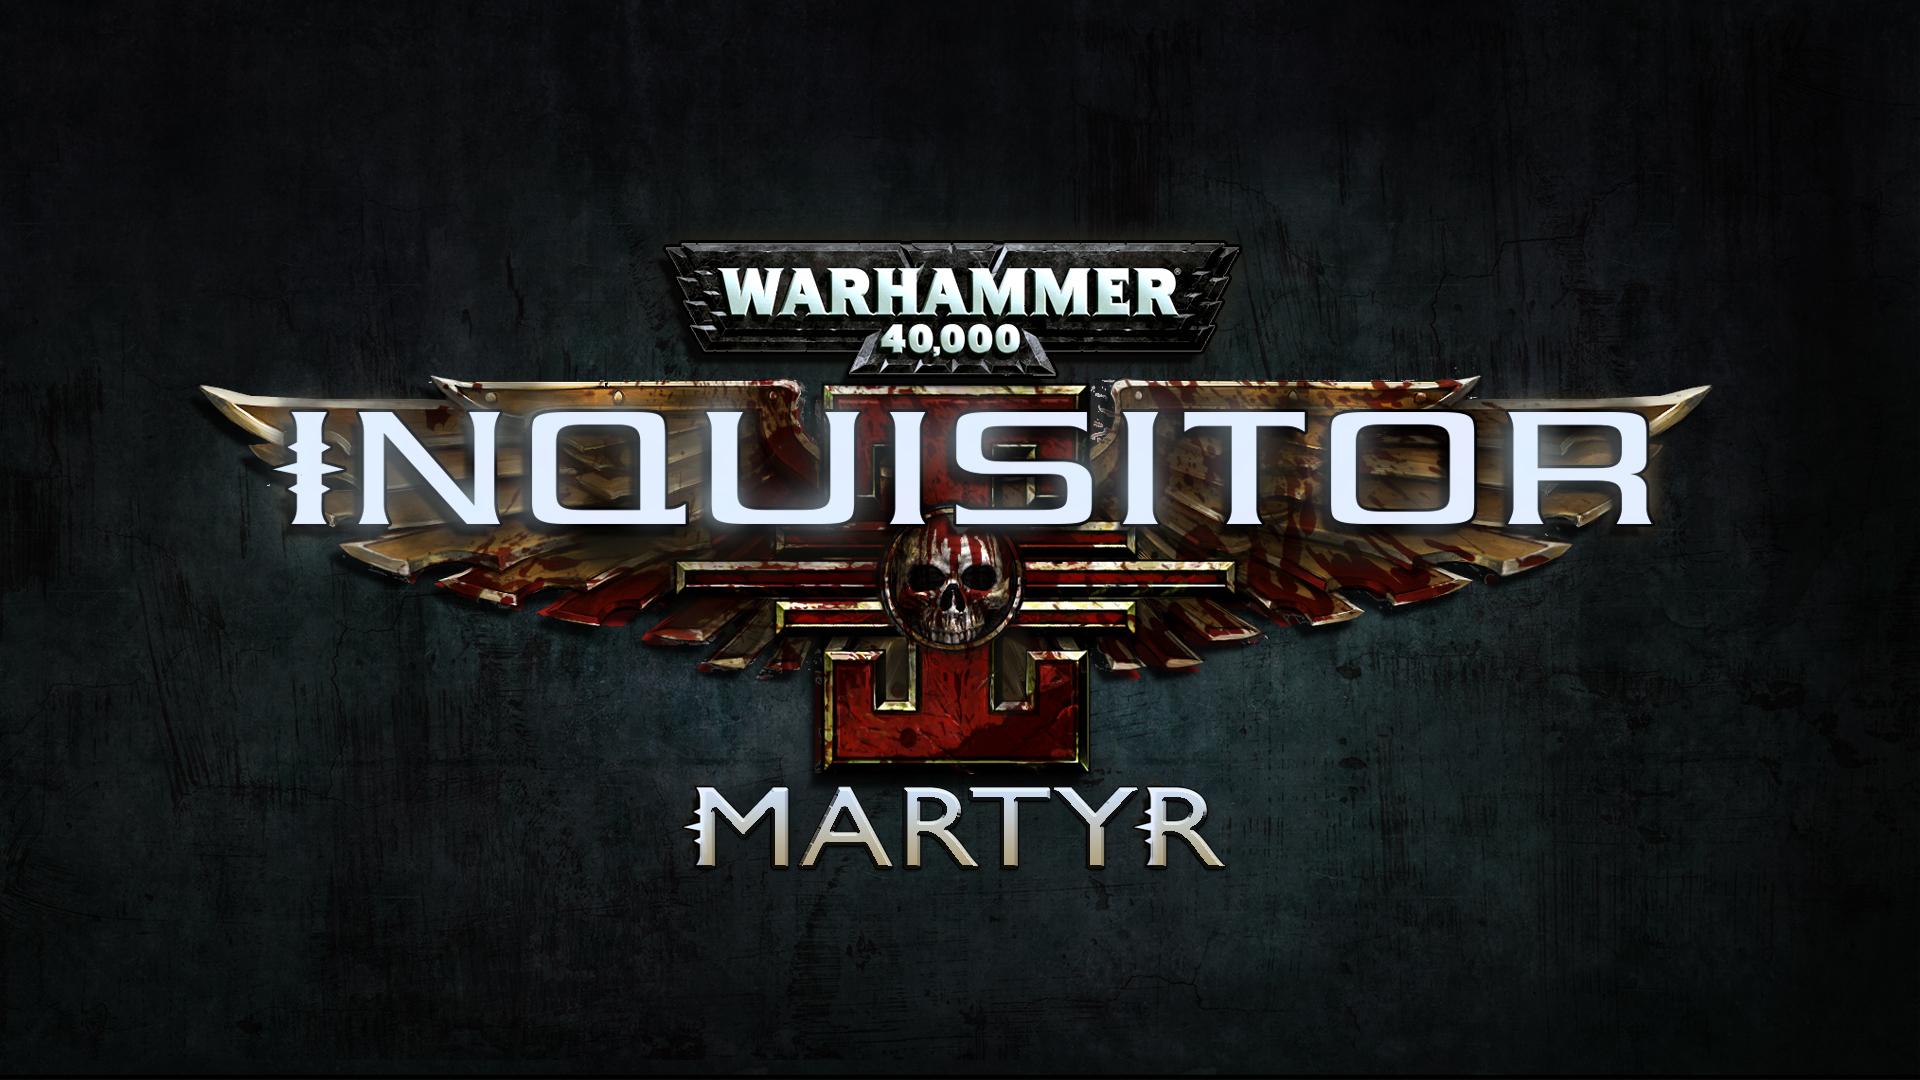 W40K_INQ_MARTYR_LOGO